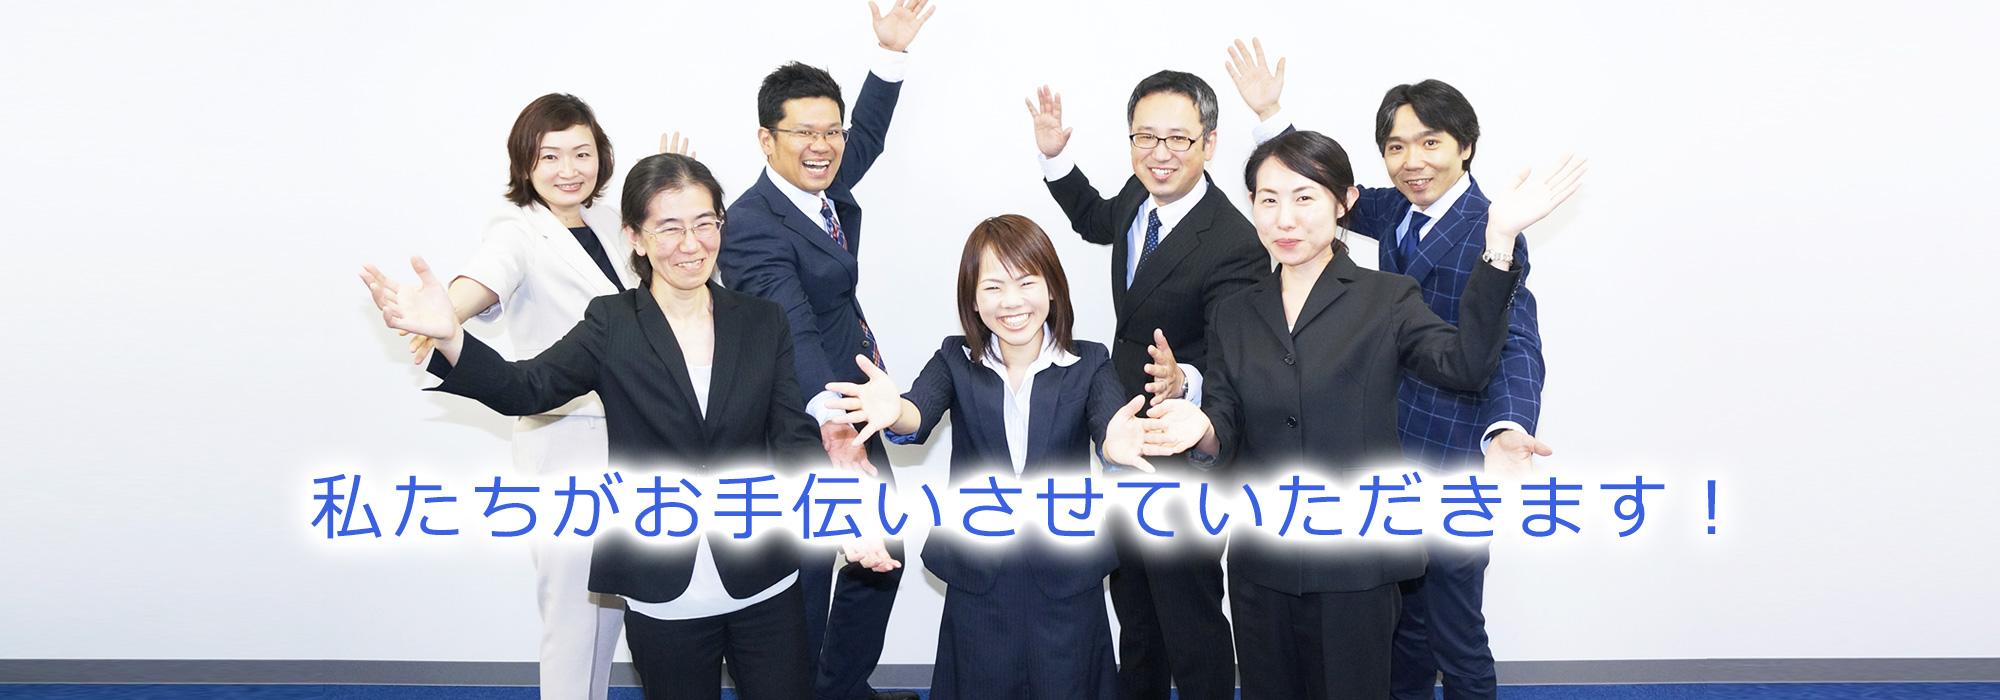 立川の税理士 MCS税理士法人若いスタッフが活躍する職場です